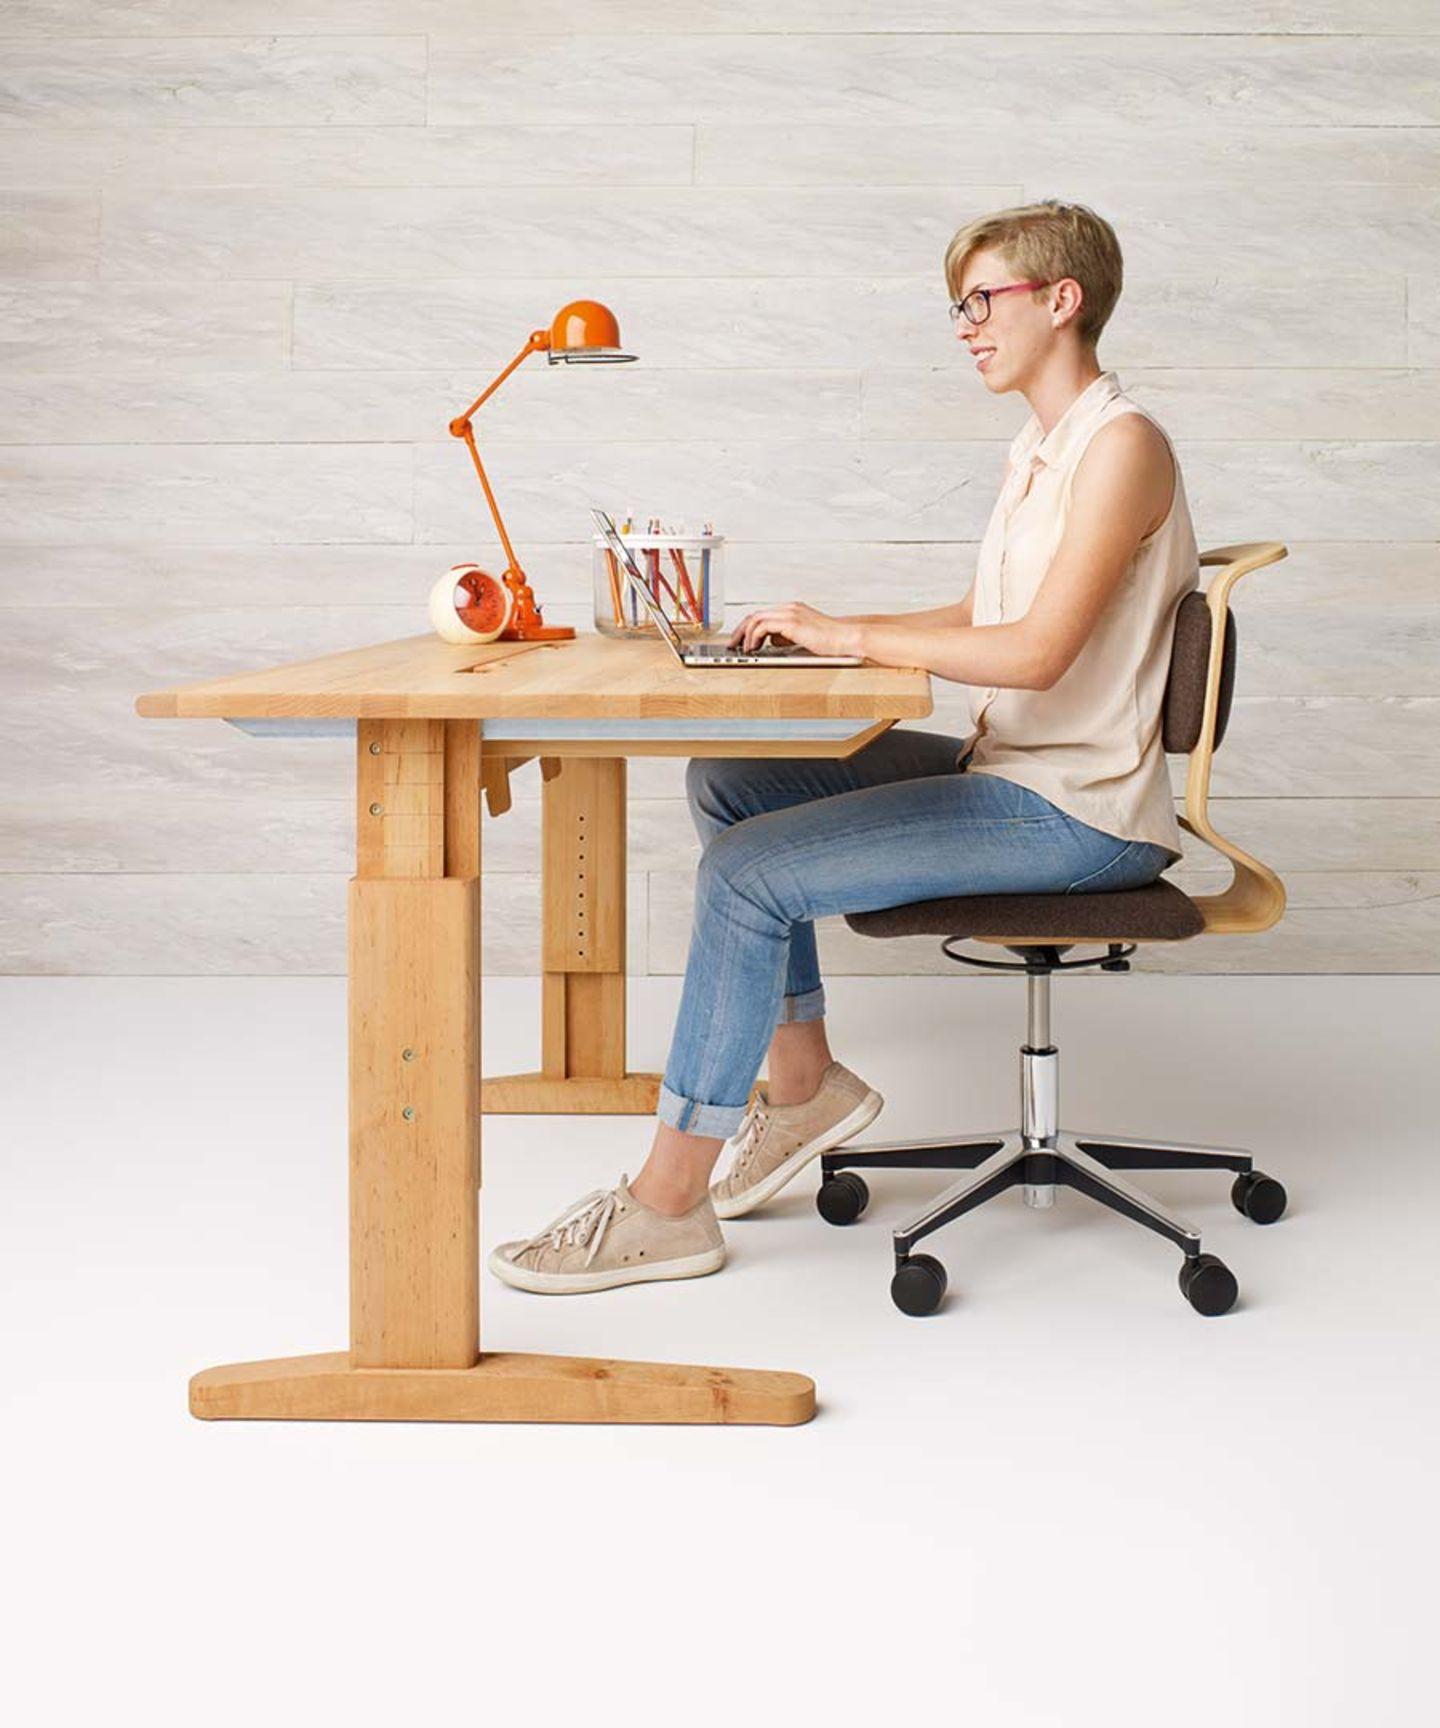 Scrivania mobile regolabile in altezza in legno naturale